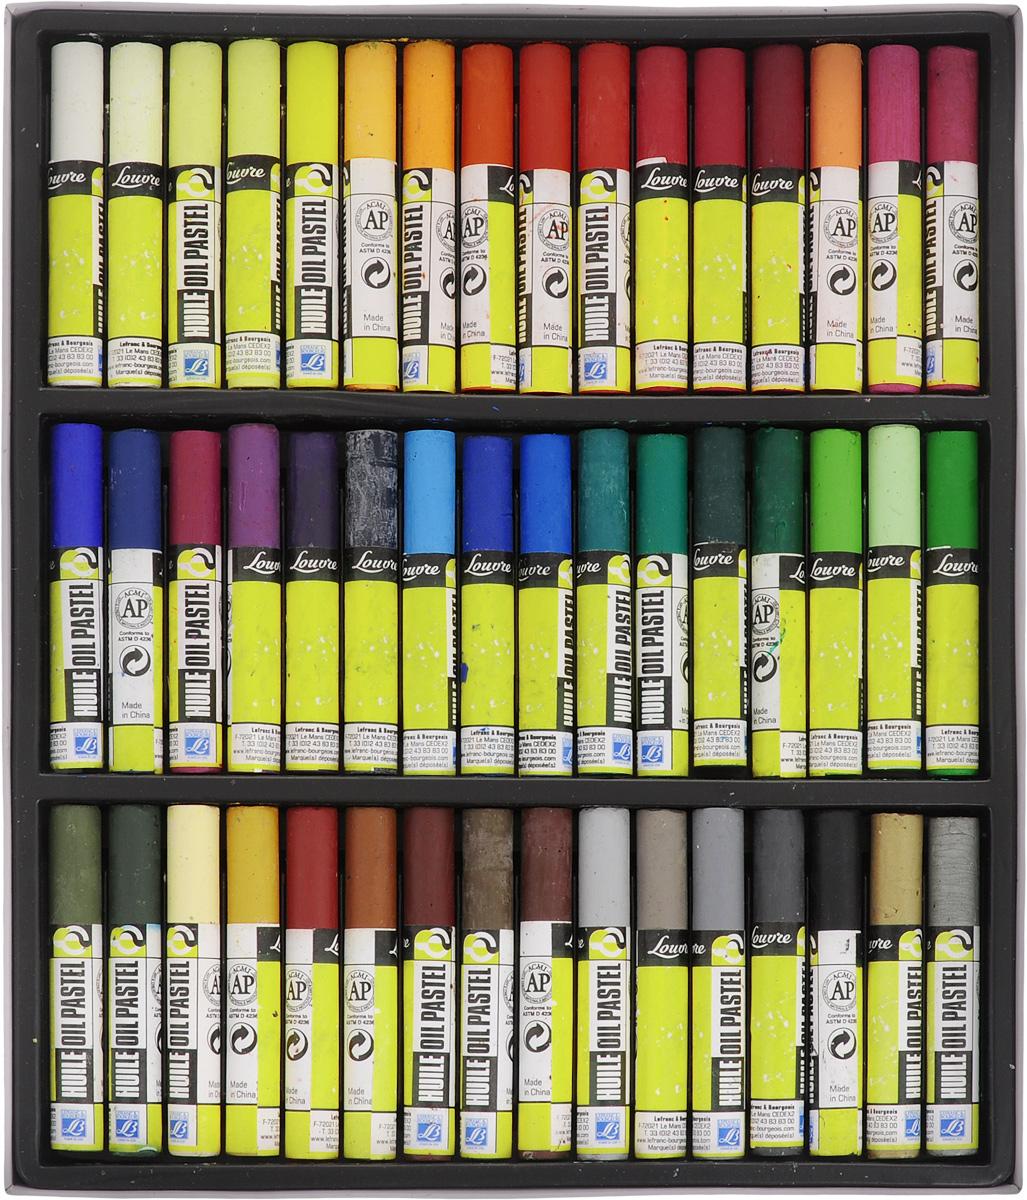 Набор масляной пастели Lefranc & Bourgeois Louvre, 48 шт121804Набор Lefranc & Bourgeois Louvre состоит из 48 мелков масляной пастели разных цветов. Пастель мерцающая и мягкая. Каждый мелок защищен оболочкой, что создает дополнительные удобства для использования. Пастель может применяться разными способами: - для создания эффекта прозрачности ее используют с уайт-спиритом, - для получения пастозного эффекта кончик мелка нагревают и в размягченном виде наносят на бумагу при помощи мастихина. Длина мелка: 7 см. Комплектация: 48 шт.